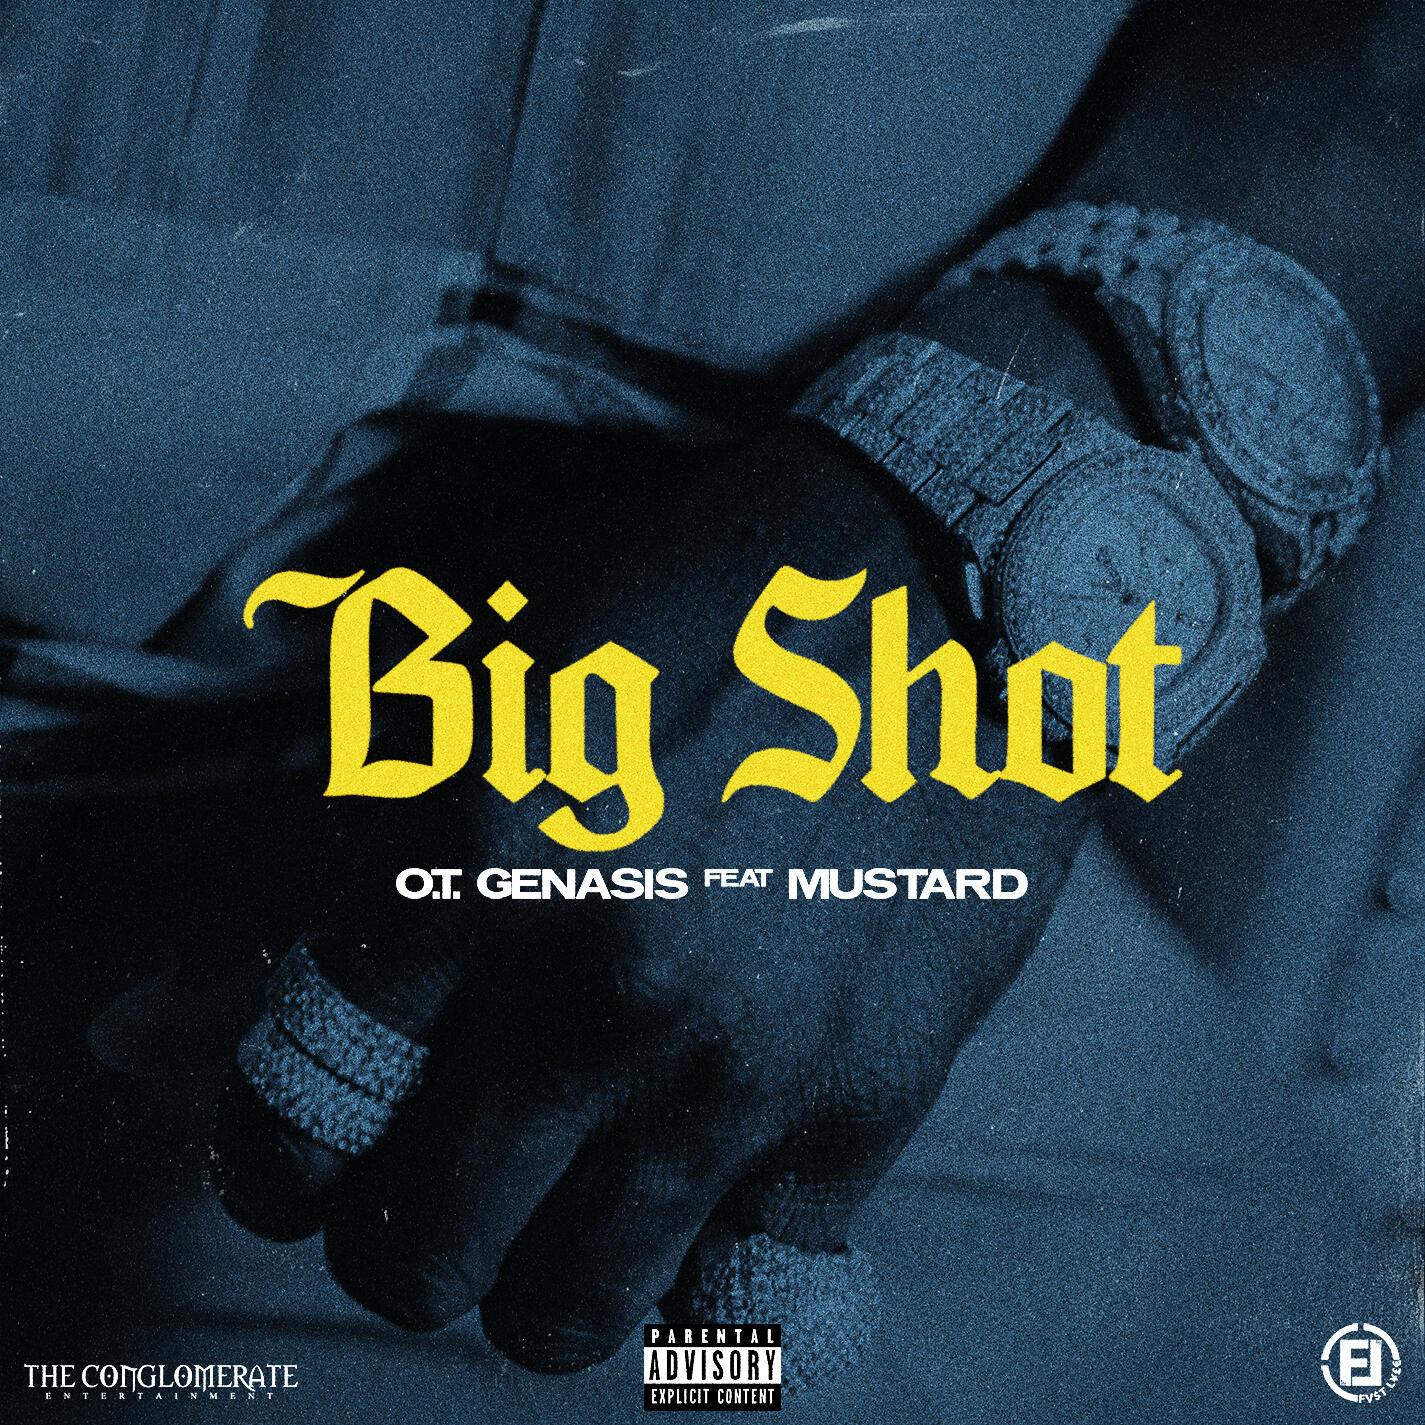 O.T. Genasis - Big Shot (feat. Mustard) | iHeartRadio